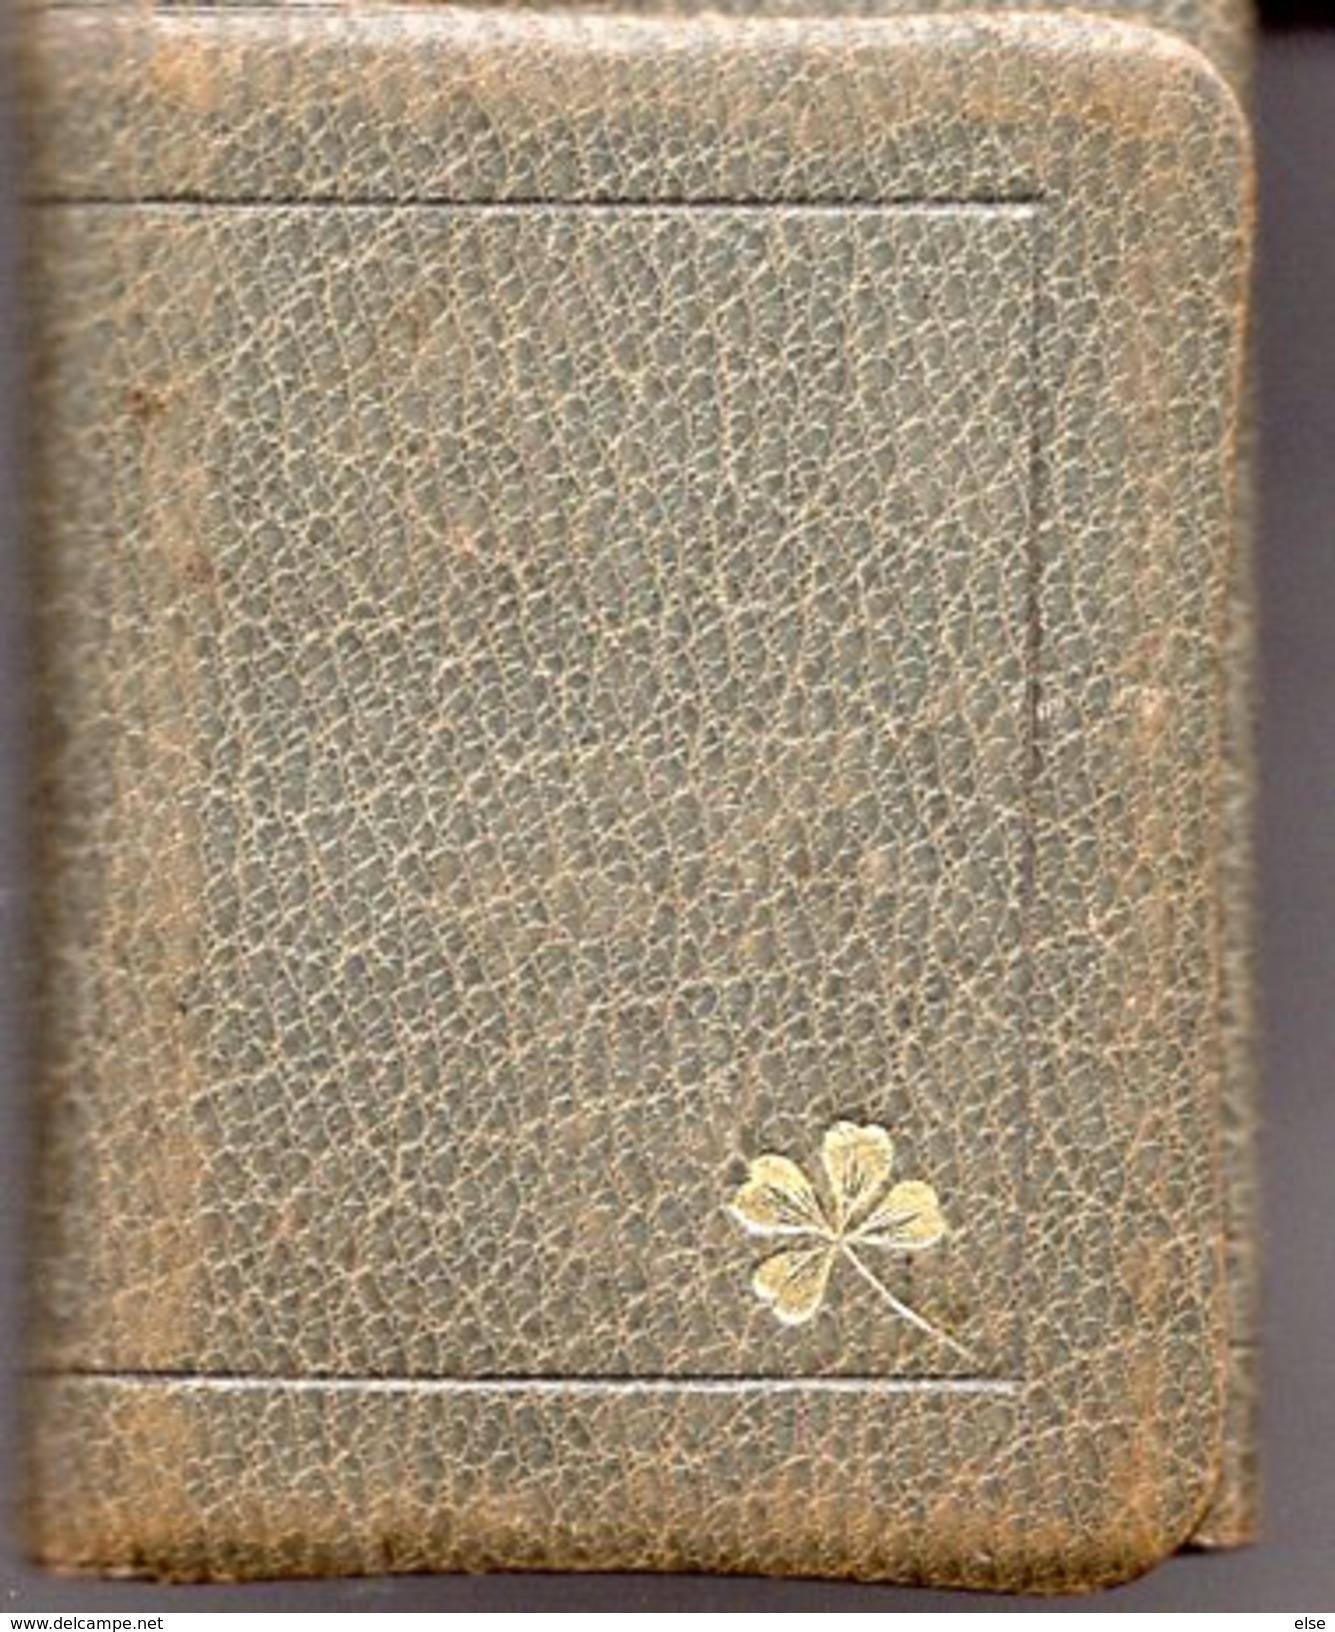 PETIT ALMANACH 1911 CALENDRIER AVEC NOTES 3 VOLETS     PUBLICITAIRE LIBRAIRIE Vve DUVAL  PAU - Klein Formaat: 1901-20